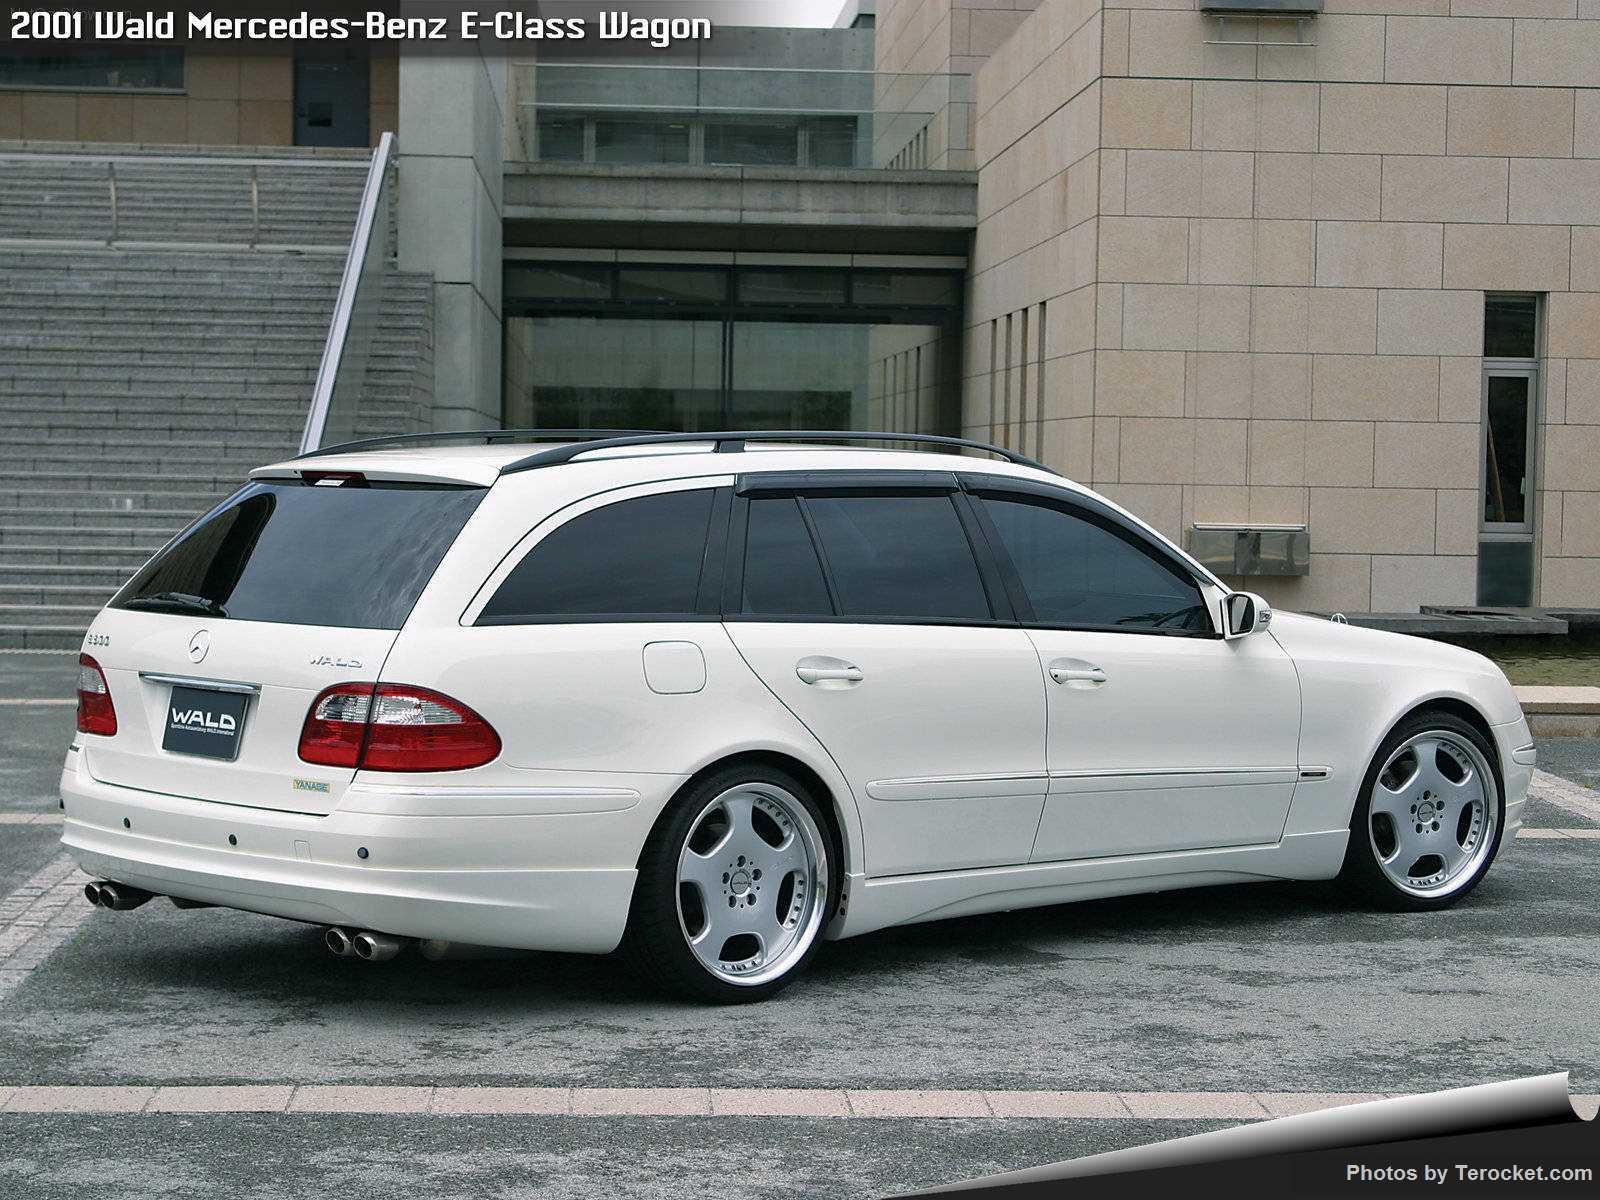 Hình ảnh xe độ Wald Mercedes-Benz E-Class Wagon 2001 & nội ngoại thất